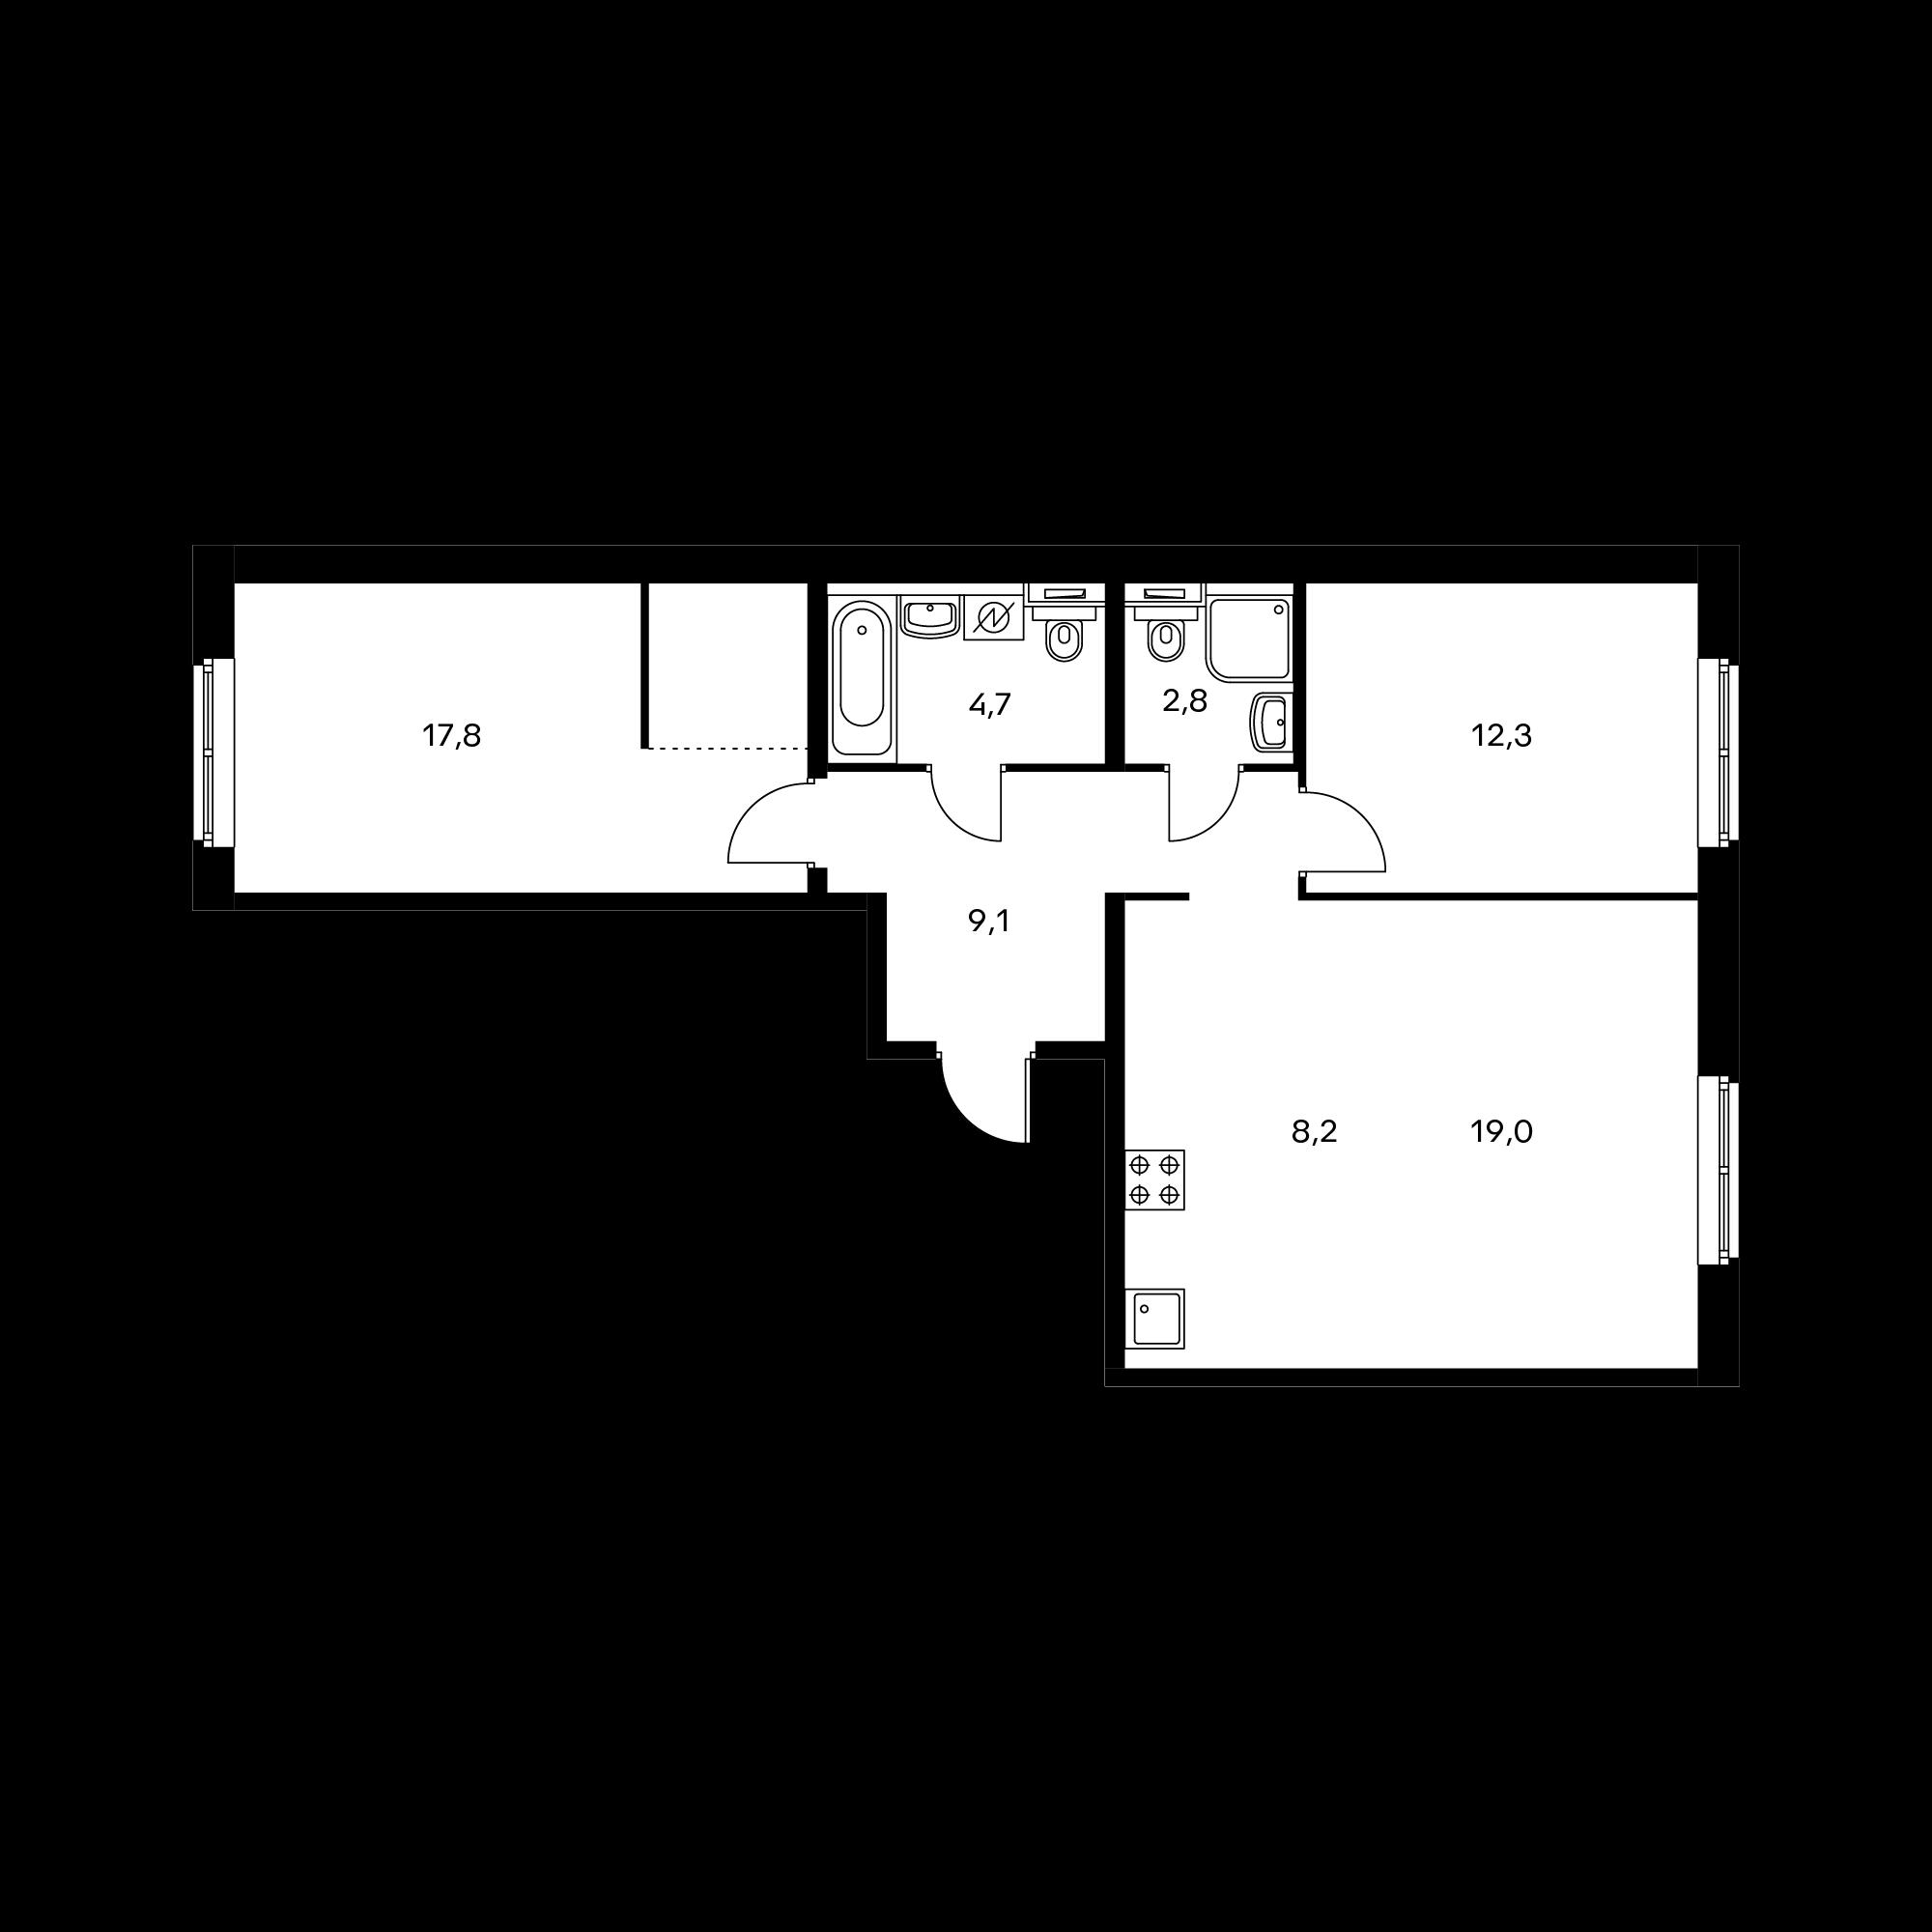 3-комнатная 72.2 м²